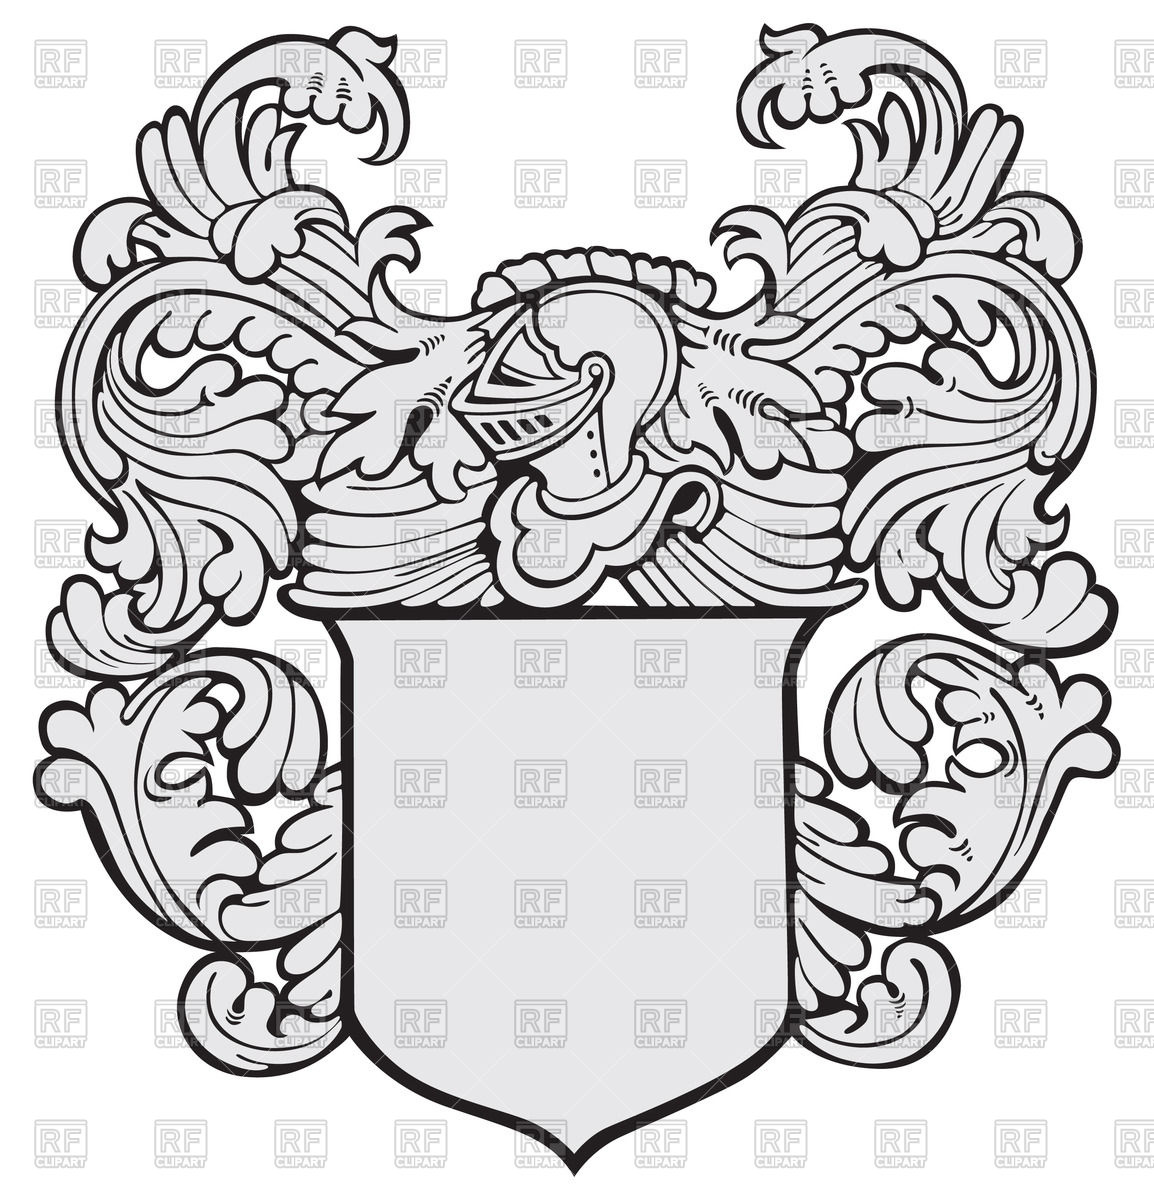 Knightly heraldry.